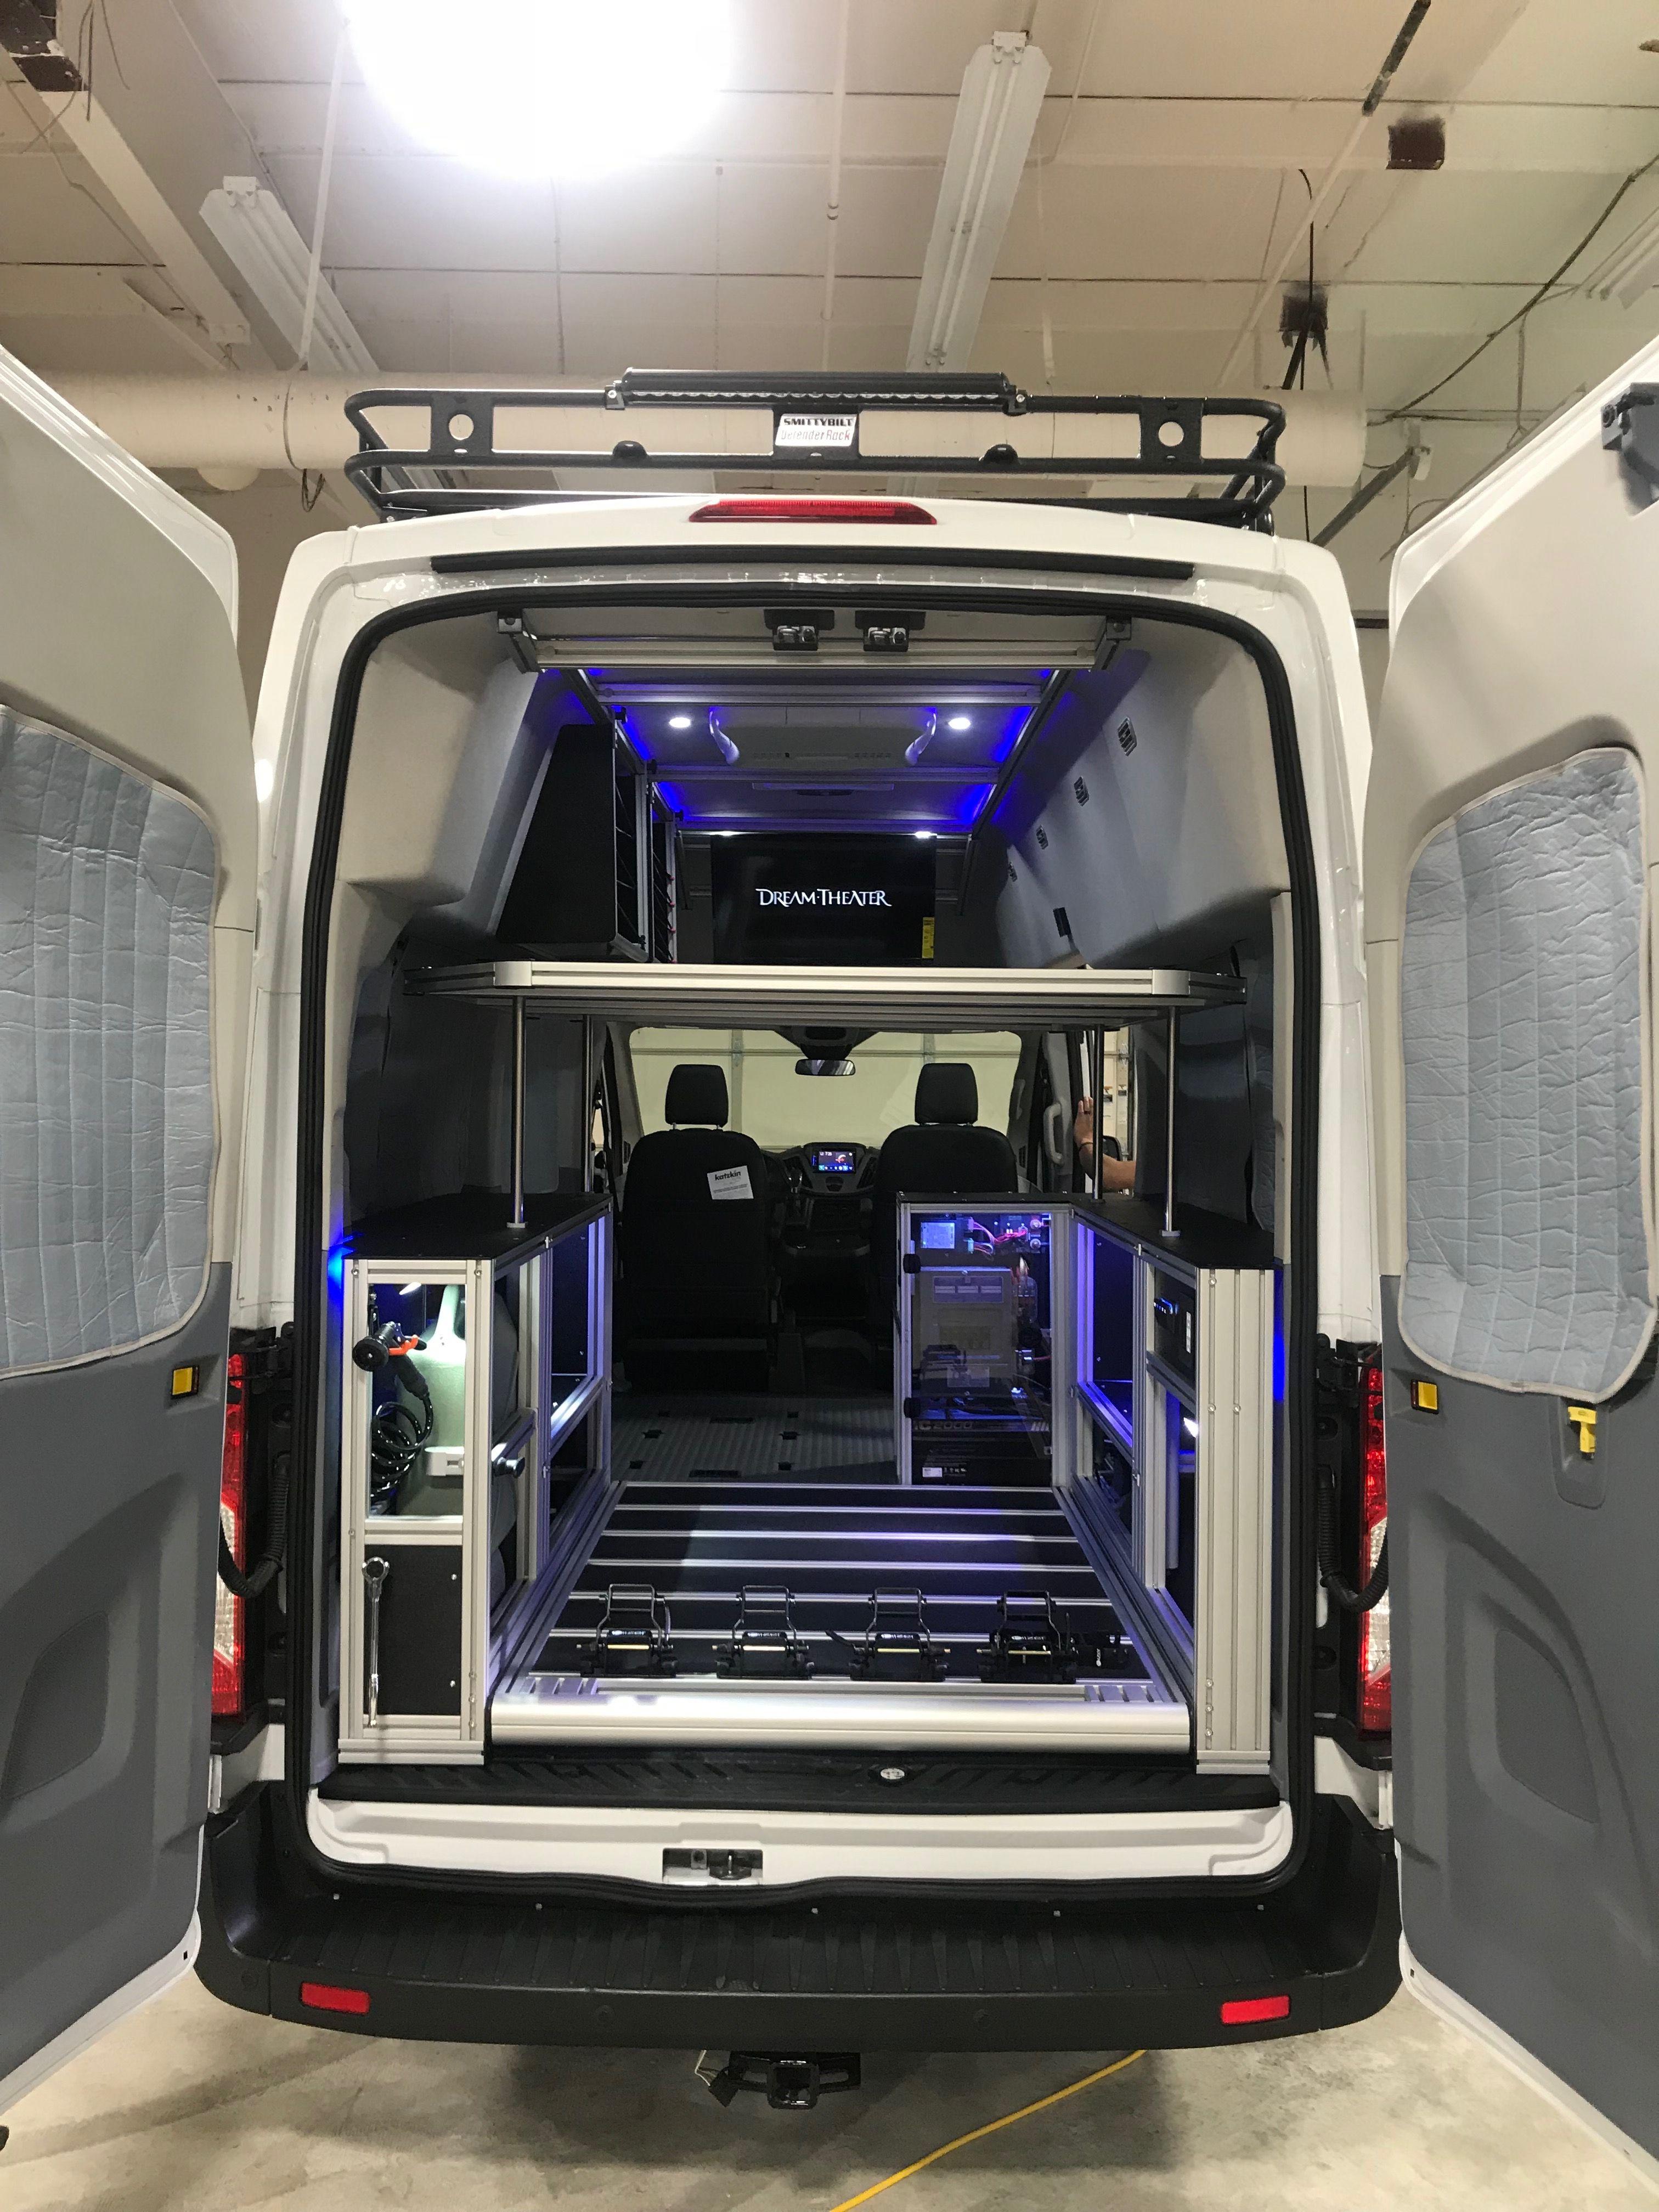 Vandoit Custom Camper Vans Custom Camper Vans Camper Van Ford Transit